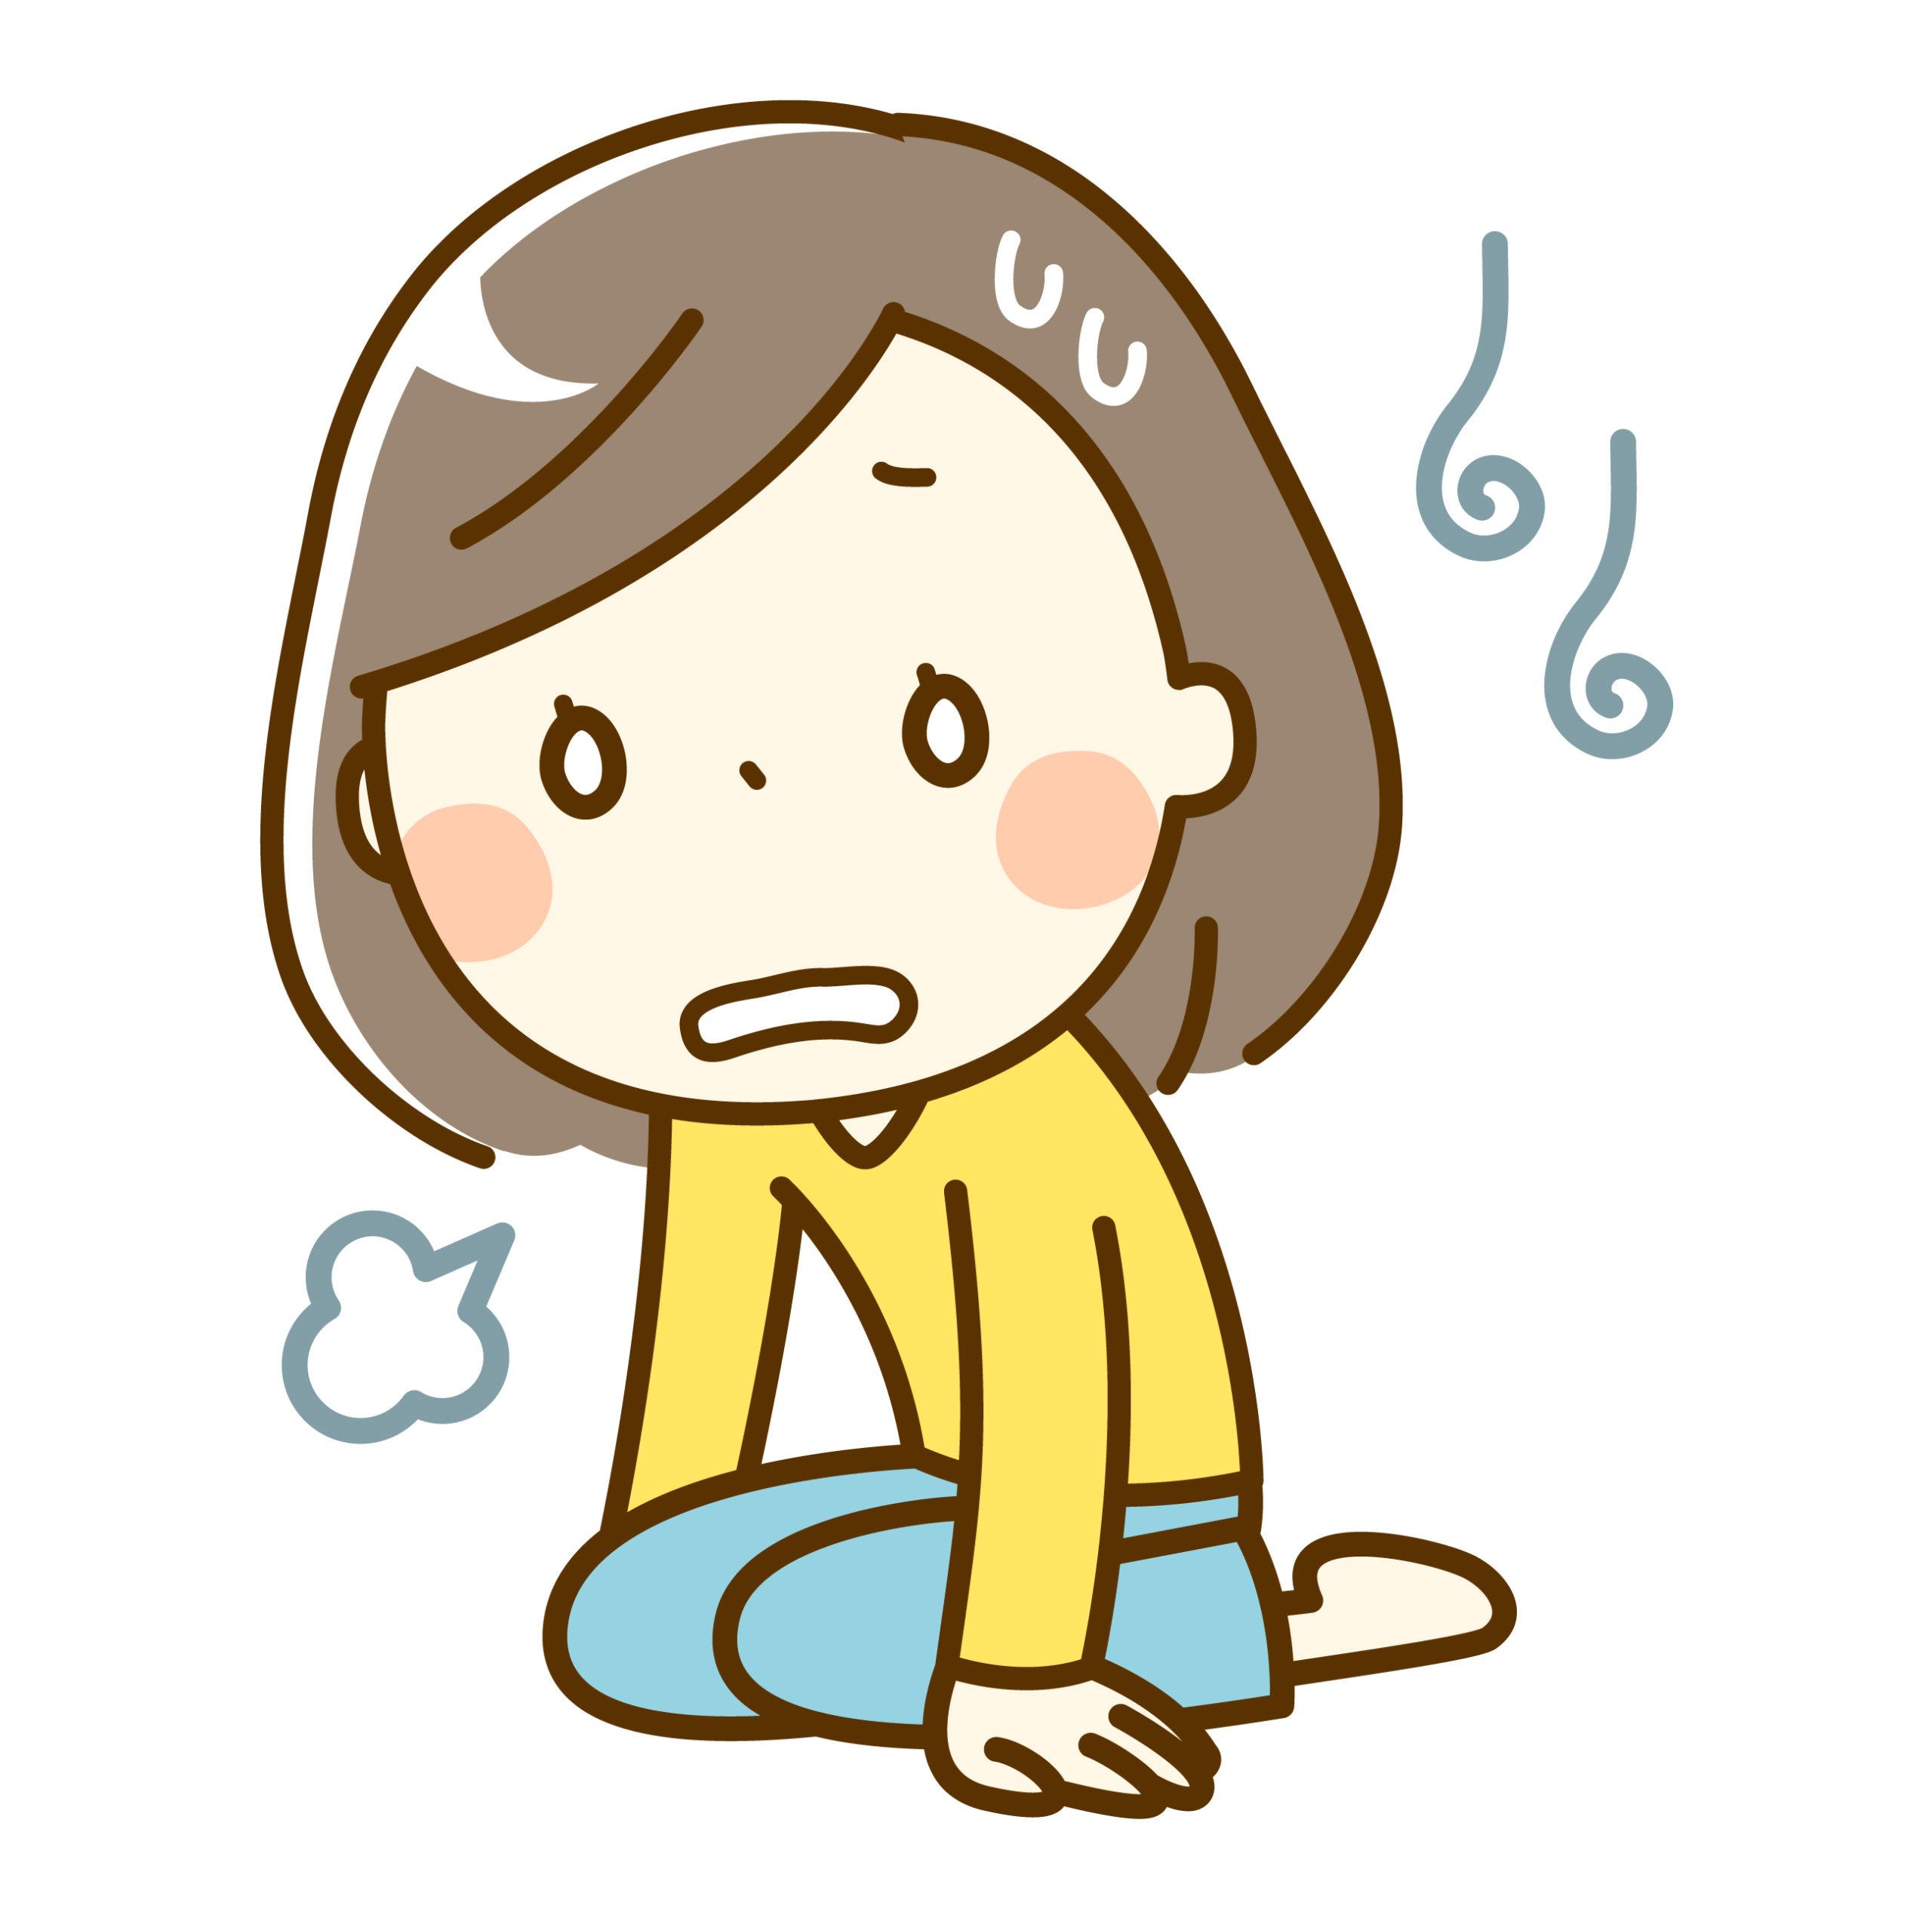 ストレスのイメージ画像2